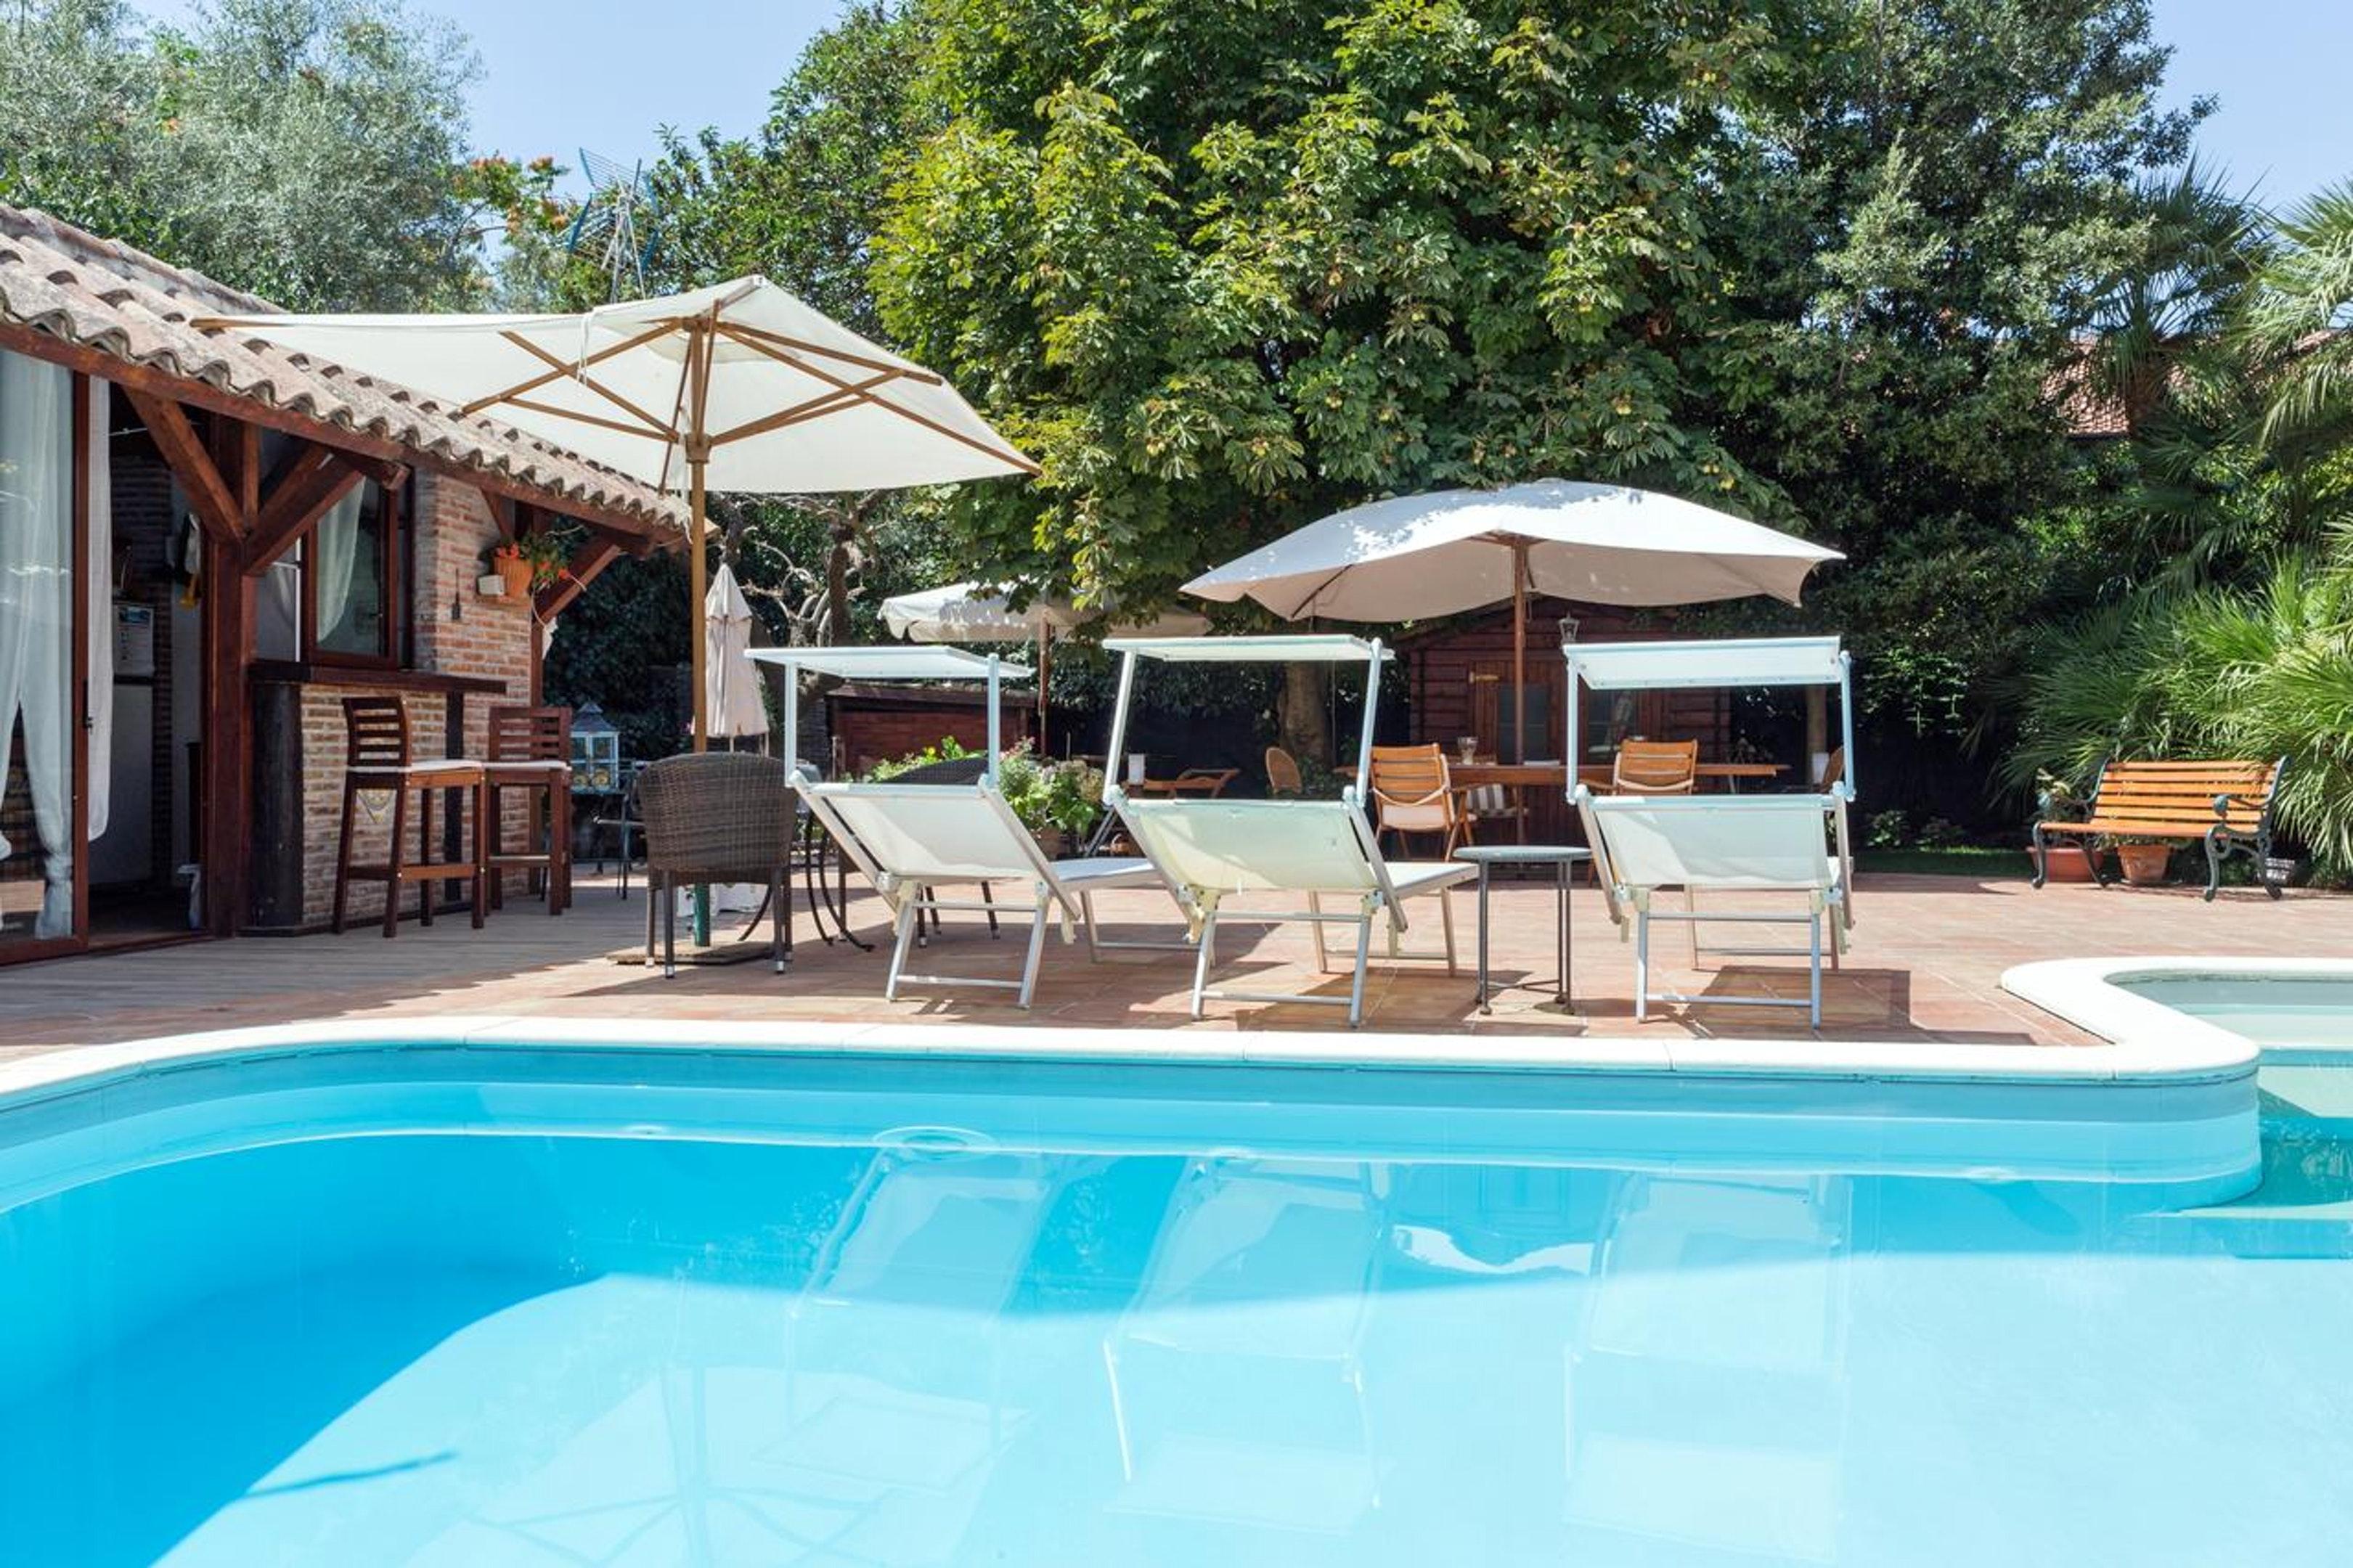 Wohnung mit 2 Schlafzimmern in Ragalna mit privatem Pool eingezäuntem Garten und W LAN 20 km vom Strand entfernt